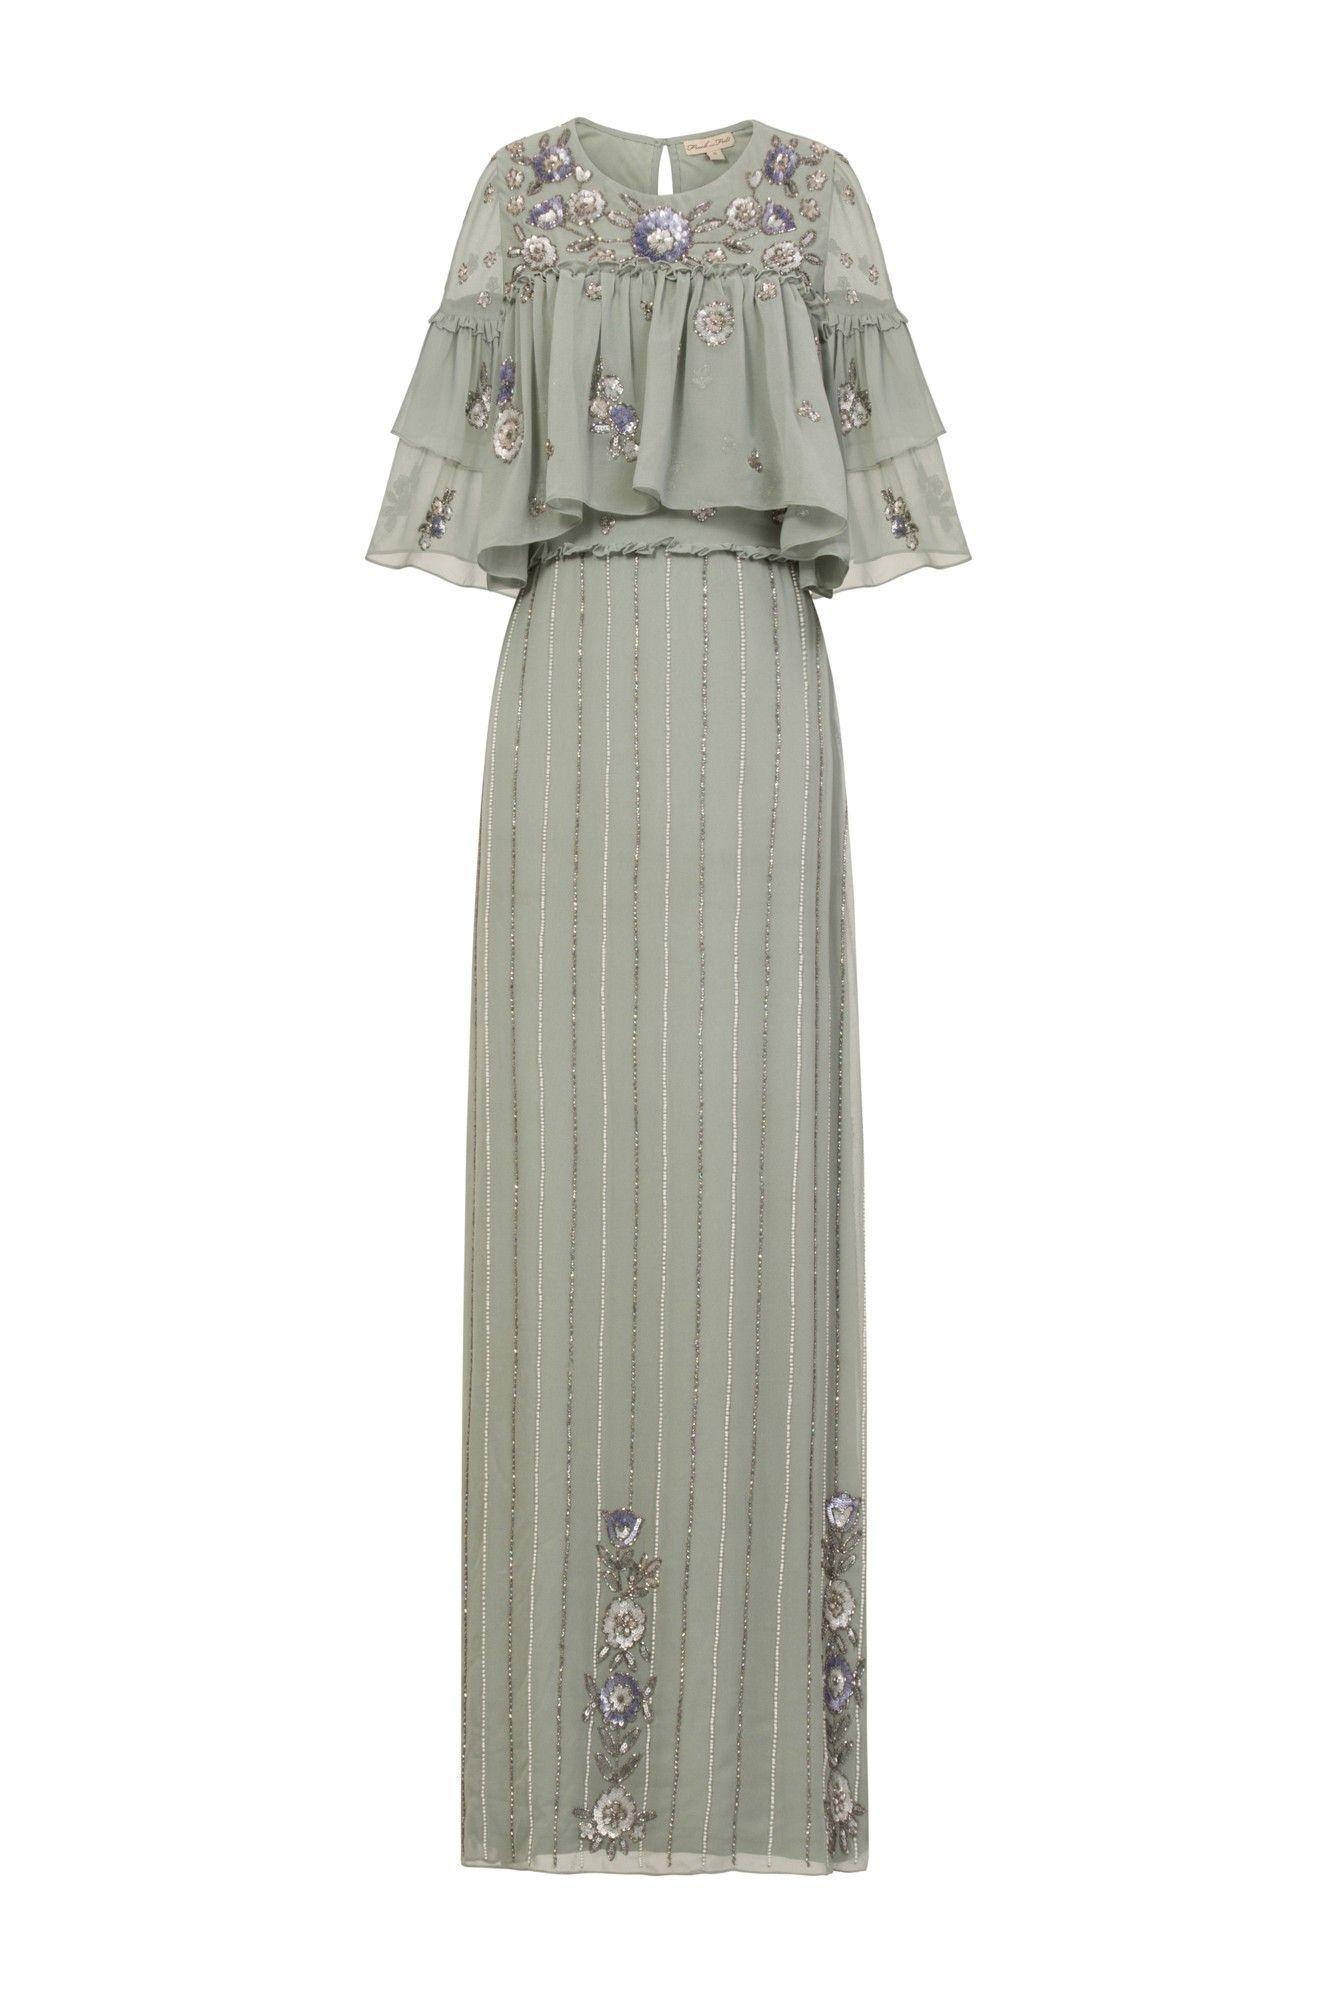 7eec3b18f11 Dawn Embellished Floral Ruffle Maxi Dress in 2019   [Fashion ...